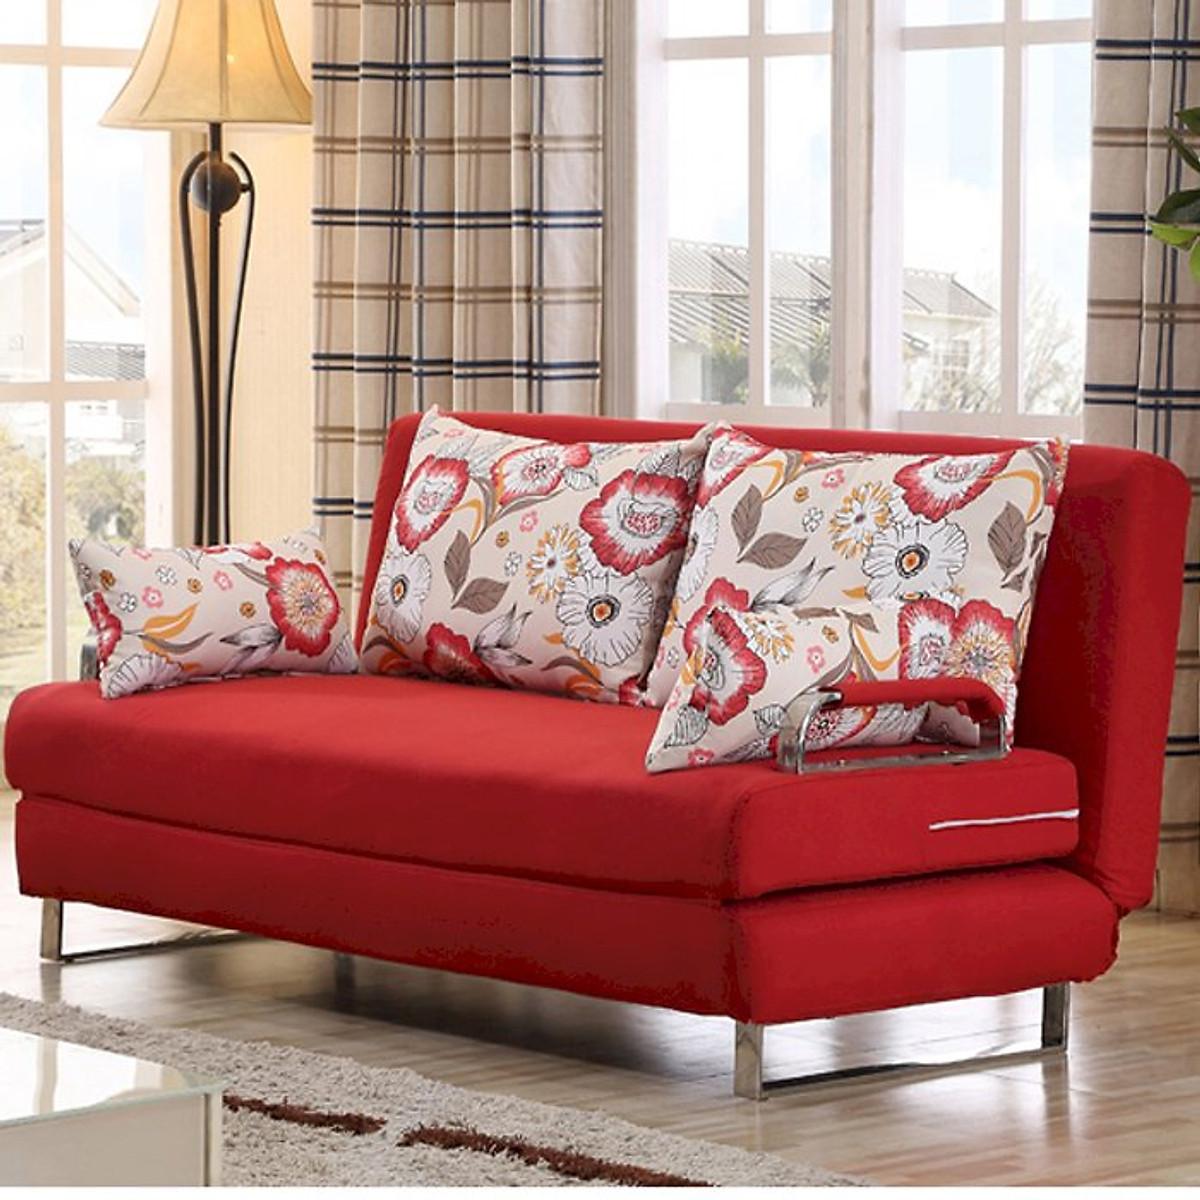 sofa tích hợp giường - nội thất thông minh